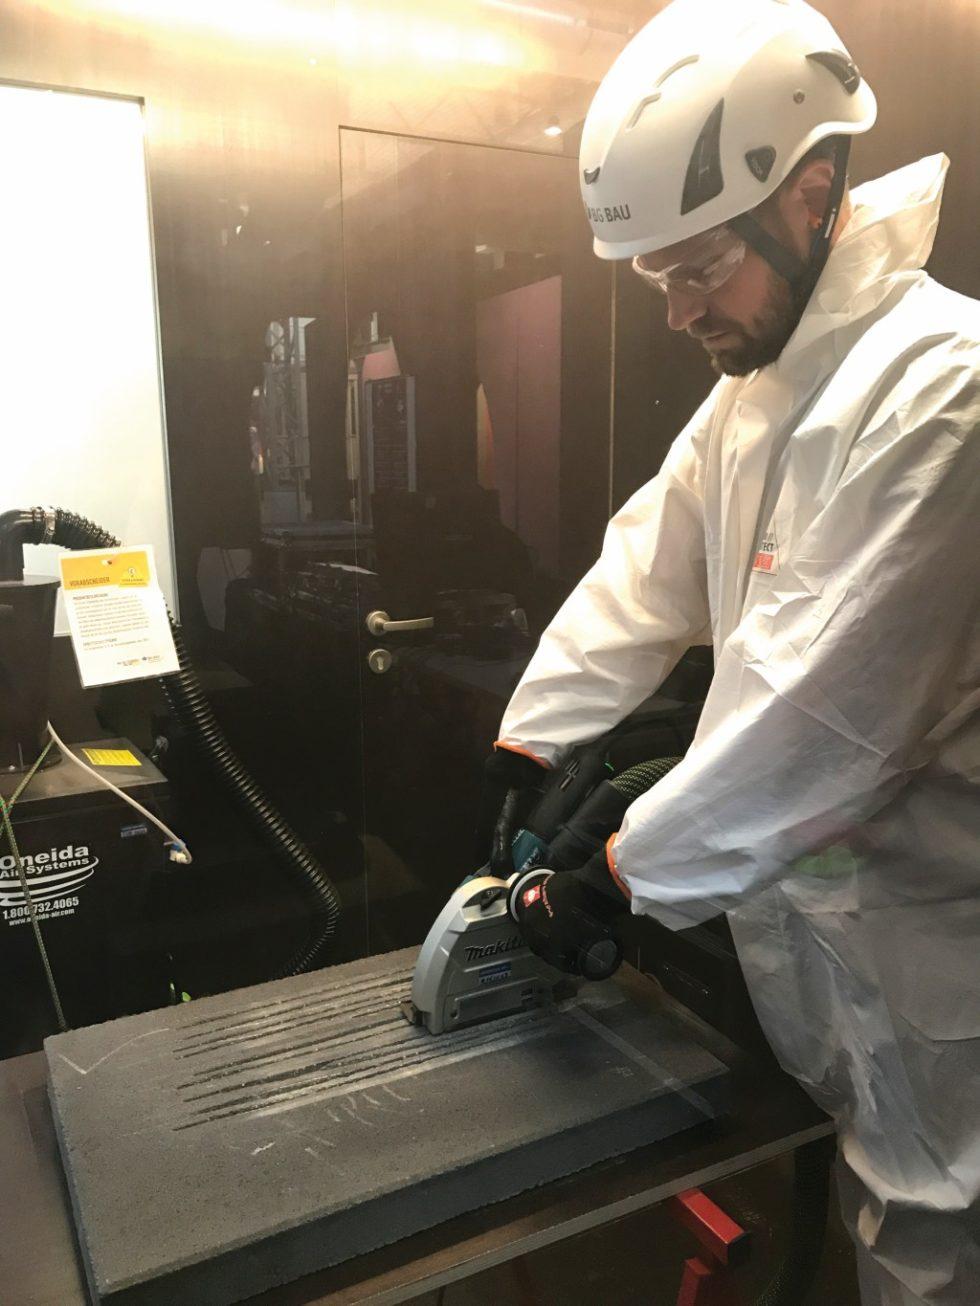 """Wird Staub beim Bearbeiten einer Betonplatte mit einem Trennschleifer direkt abgesagt, genügt eine Schutzbrille. Dies zeigte die BG Bau auf der Veranstaltung """"Aktionsprogramm gegen Staub in der Bauwirtschaft"""" im Juni 2019 in der Arbeitswelt Ausstellung der DASA in Dortmund. Bild: BG Bau"""